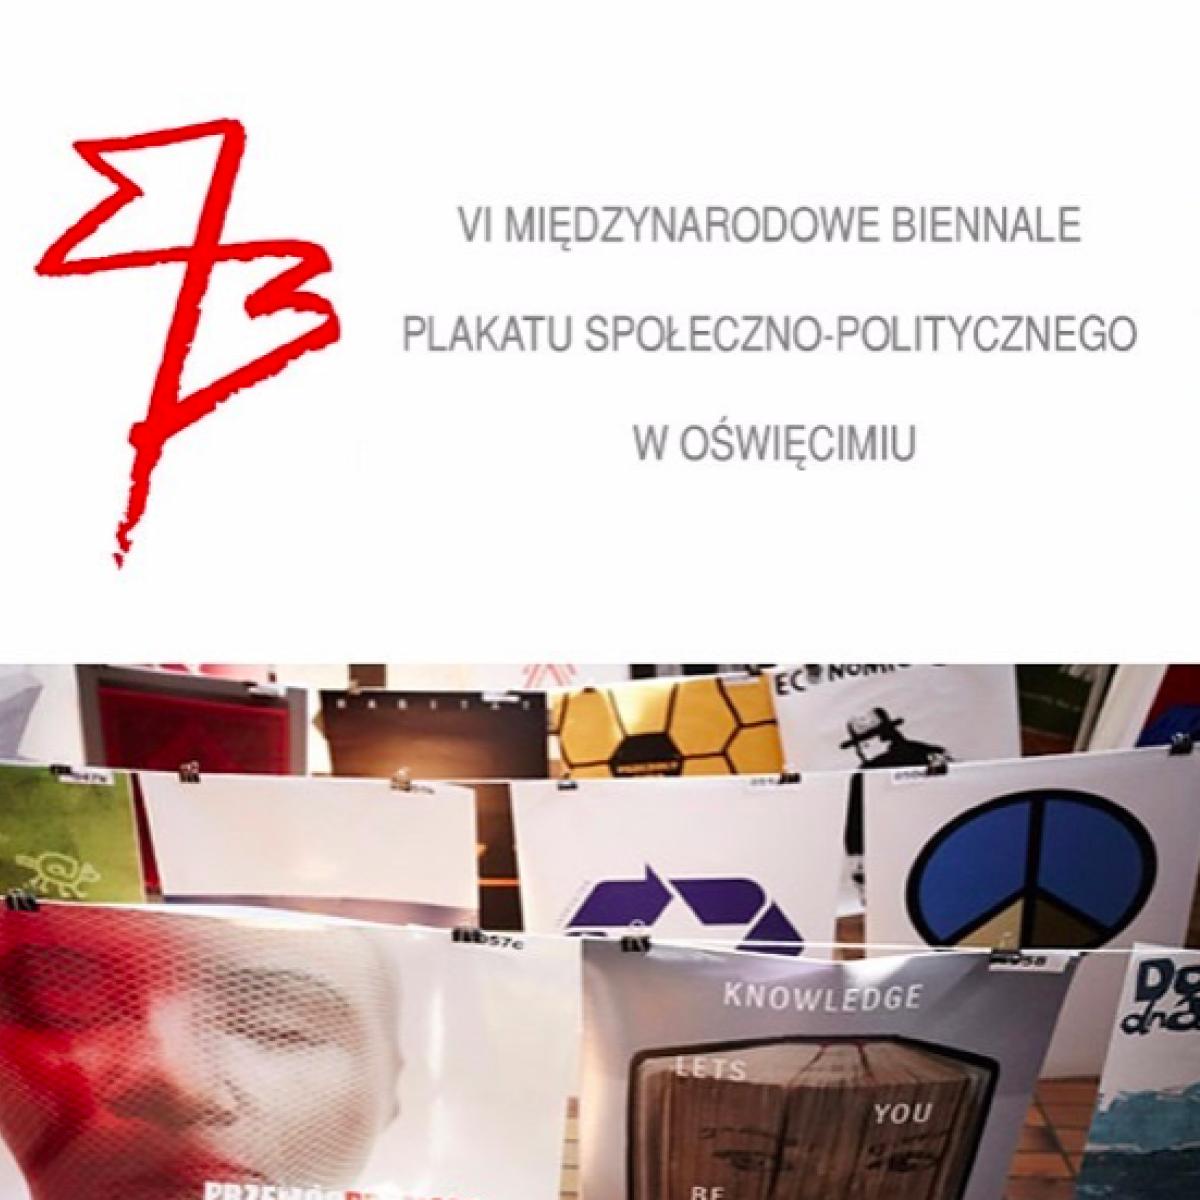 VI Międzynarodowe Biennale Plakatu Społeczno-Politycznego w Oświęcimiu